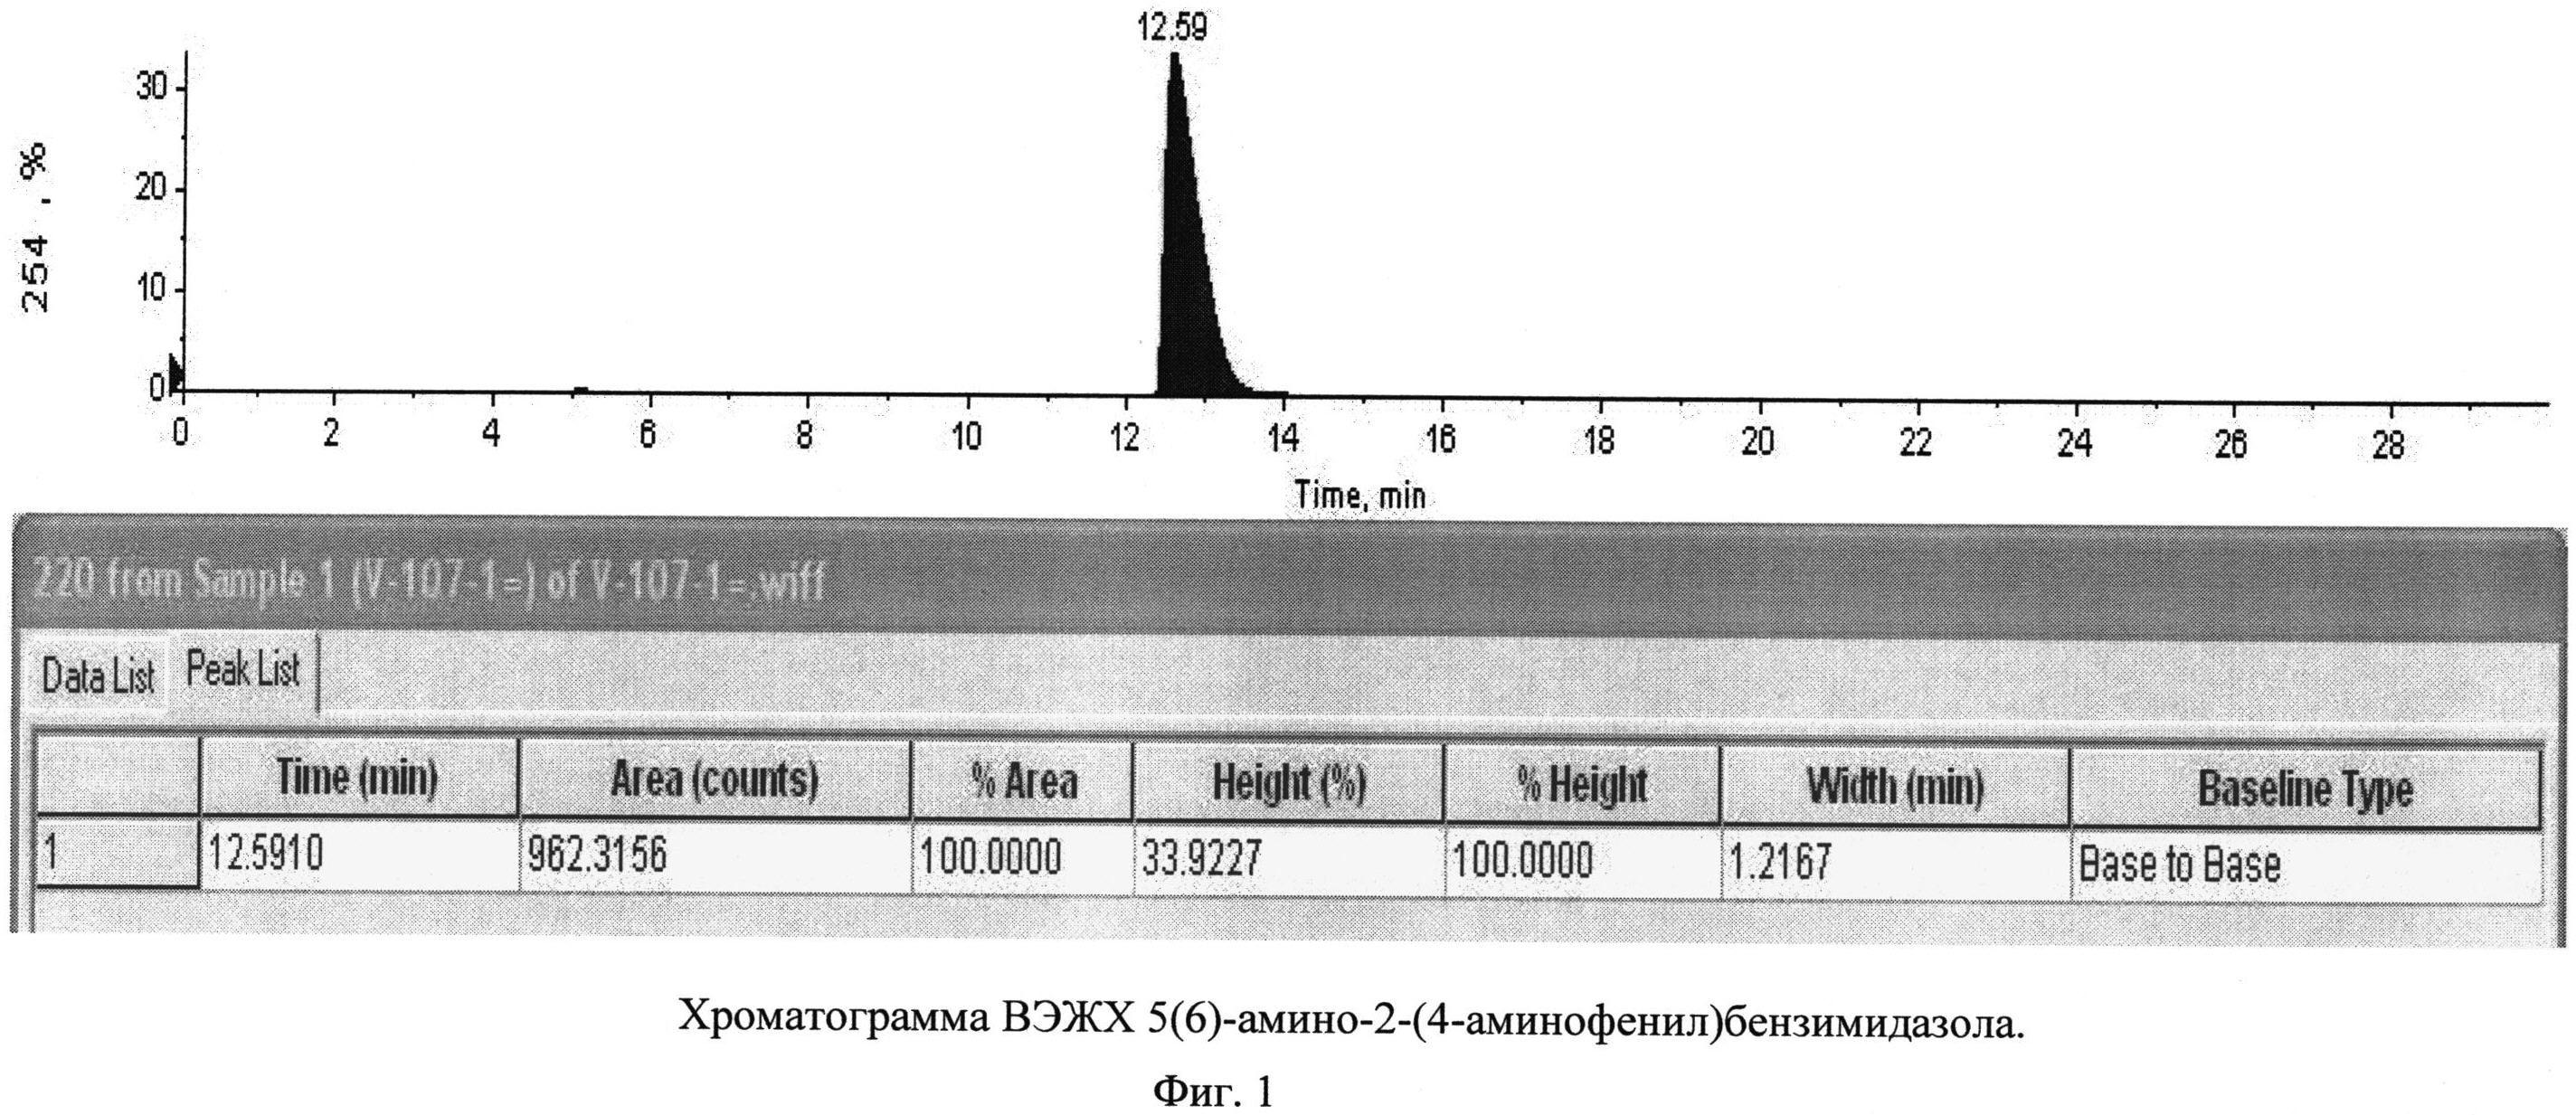 Способ получения 5(6)-амино-2-(4-аминофенил)бензимидазола из 2',4,4'-тринитробензанилида